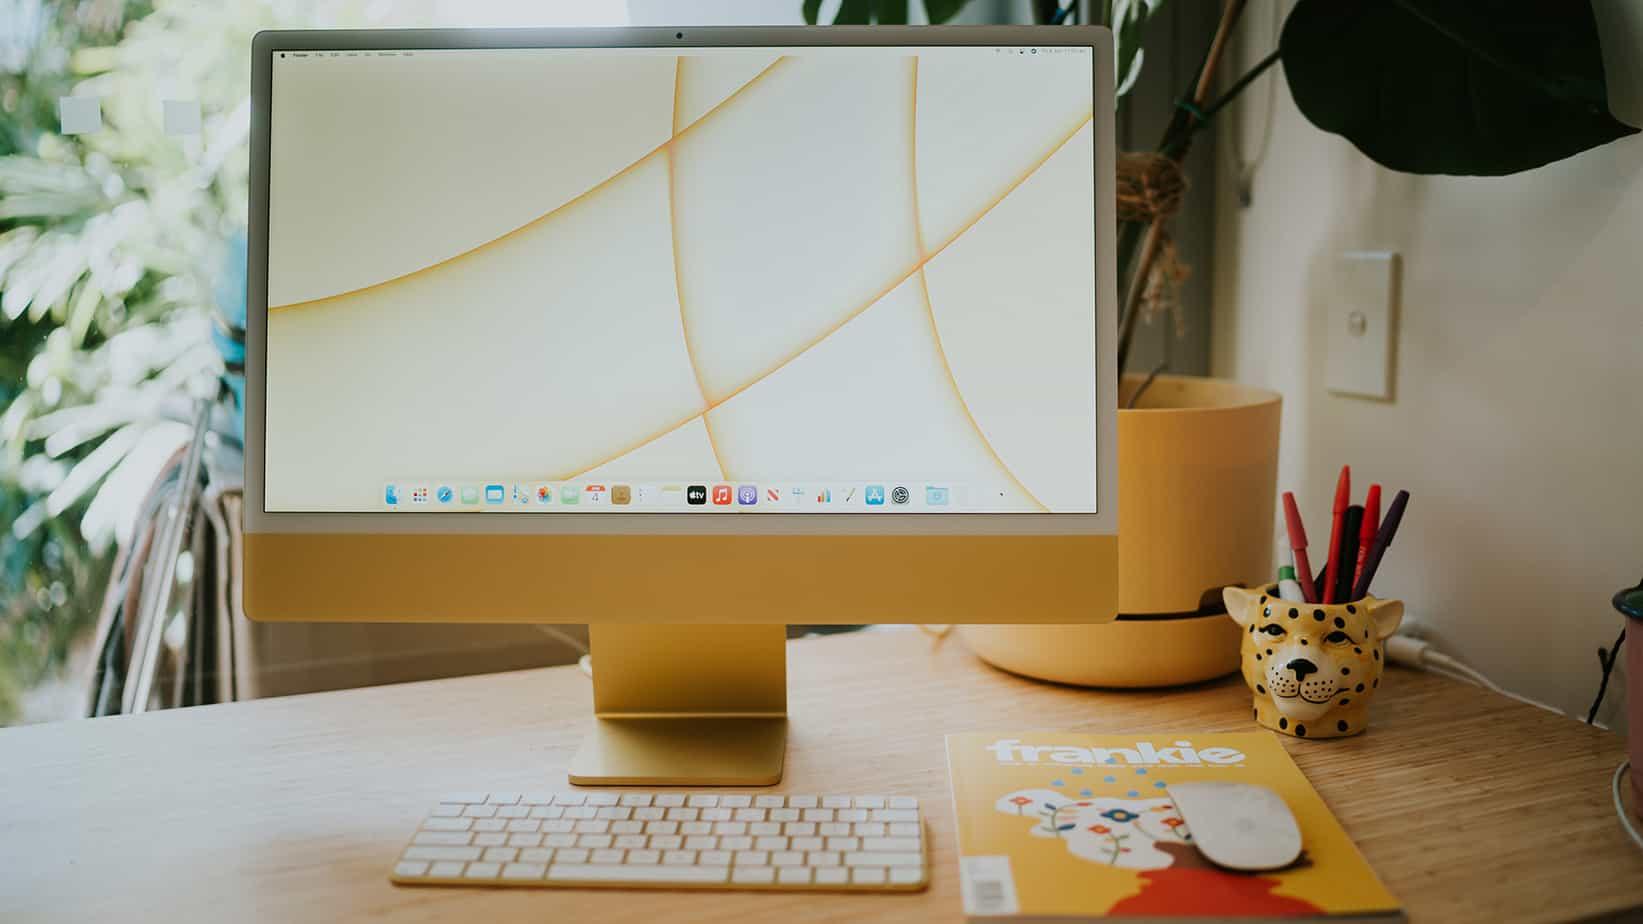 macOS est assujetis à une faille de sécurité donnant accès au root de chaque MAC